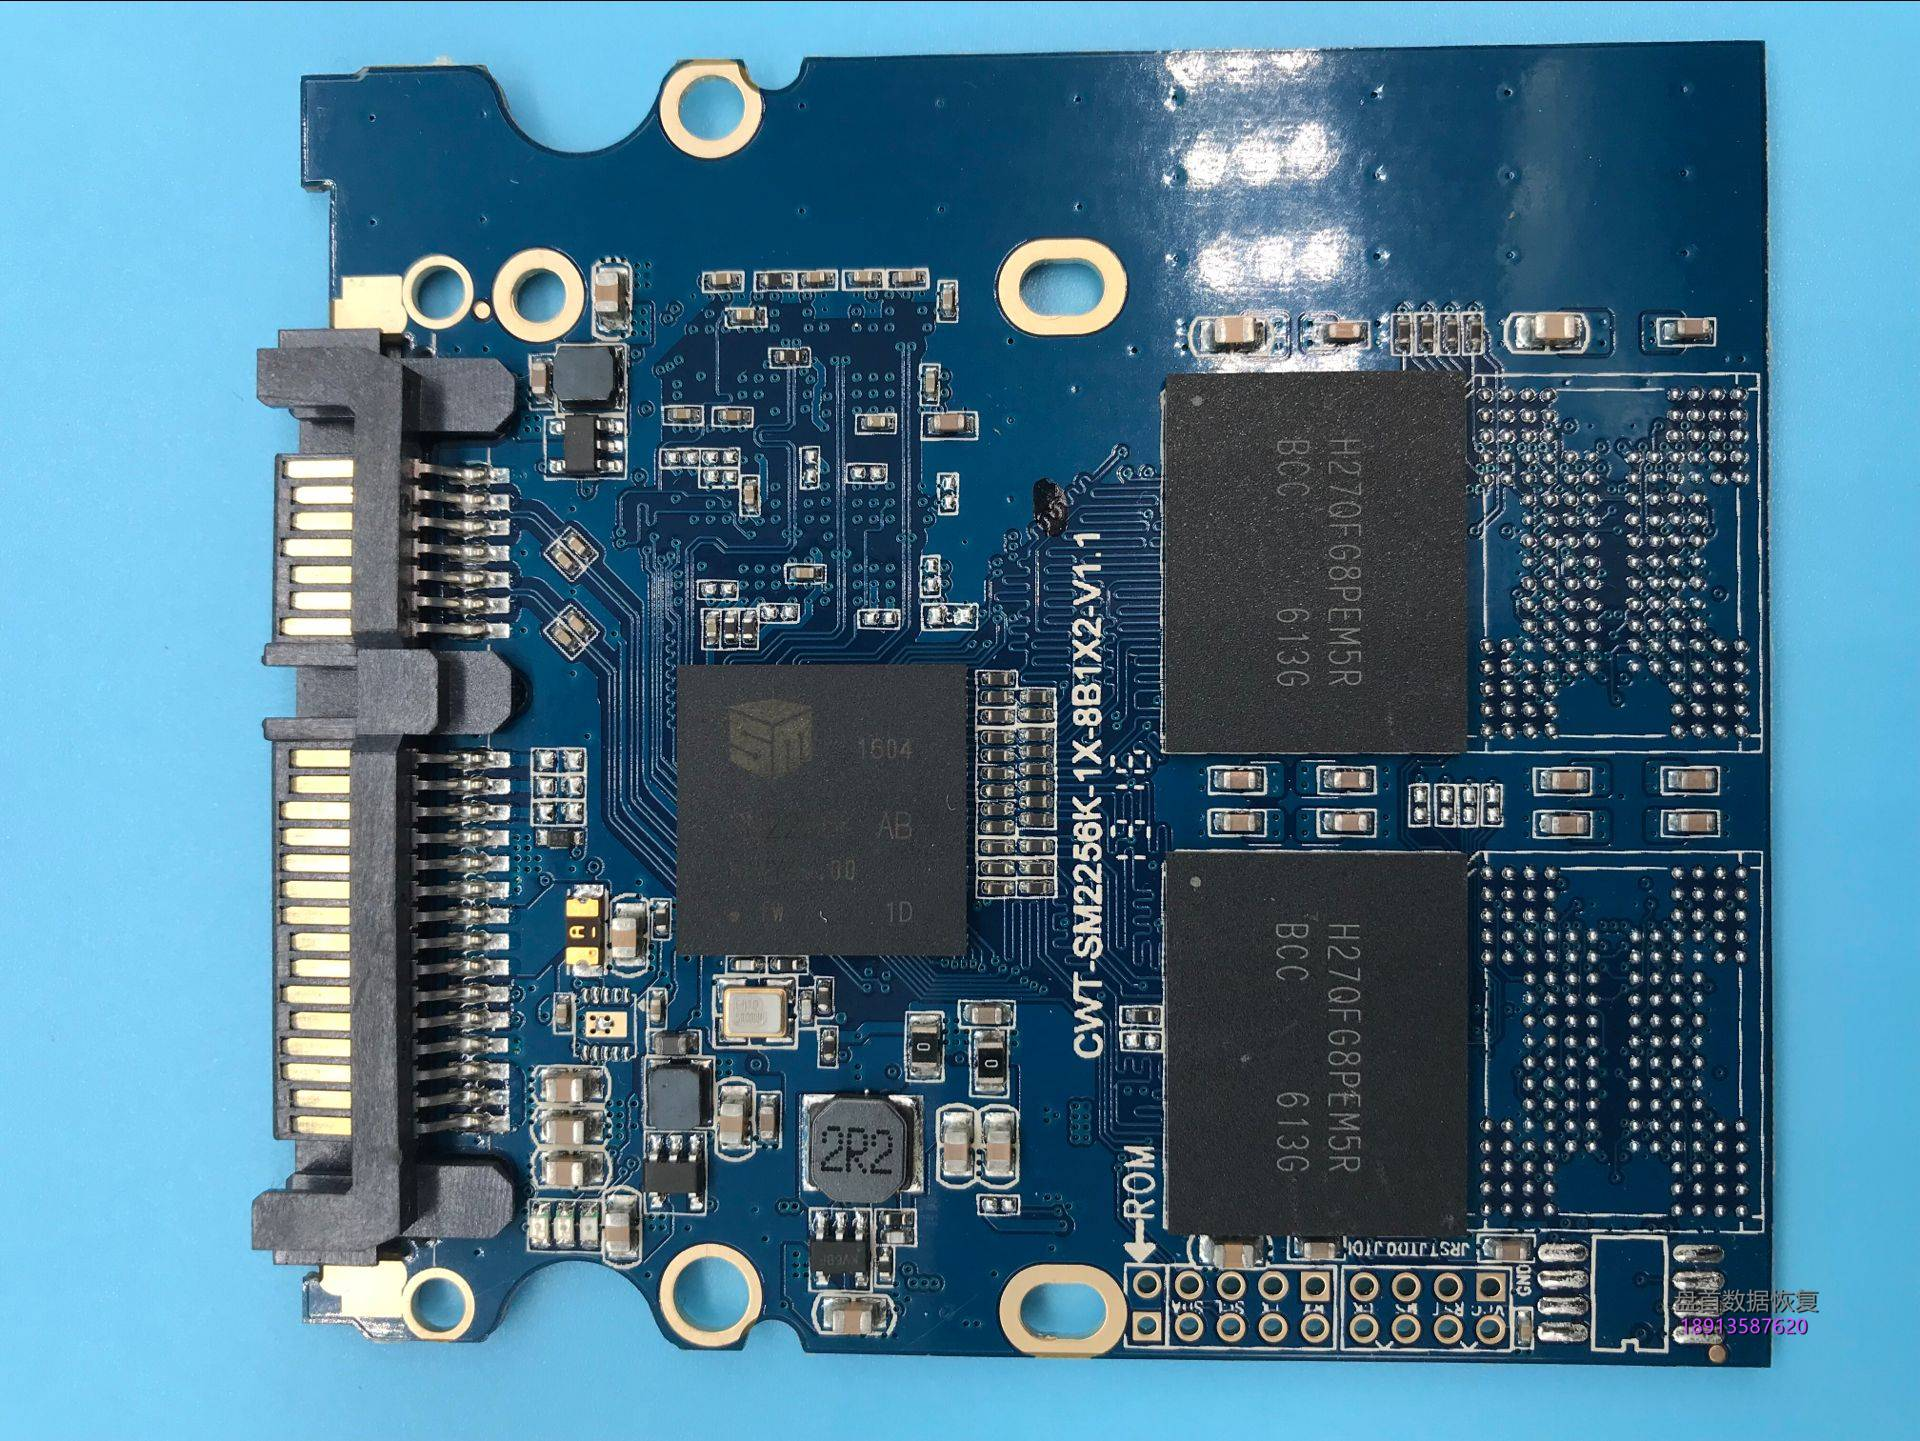 0-8 方正飞天240g掉盘不识别开机卡死在LOGO界面SM2256K主控数据恢复